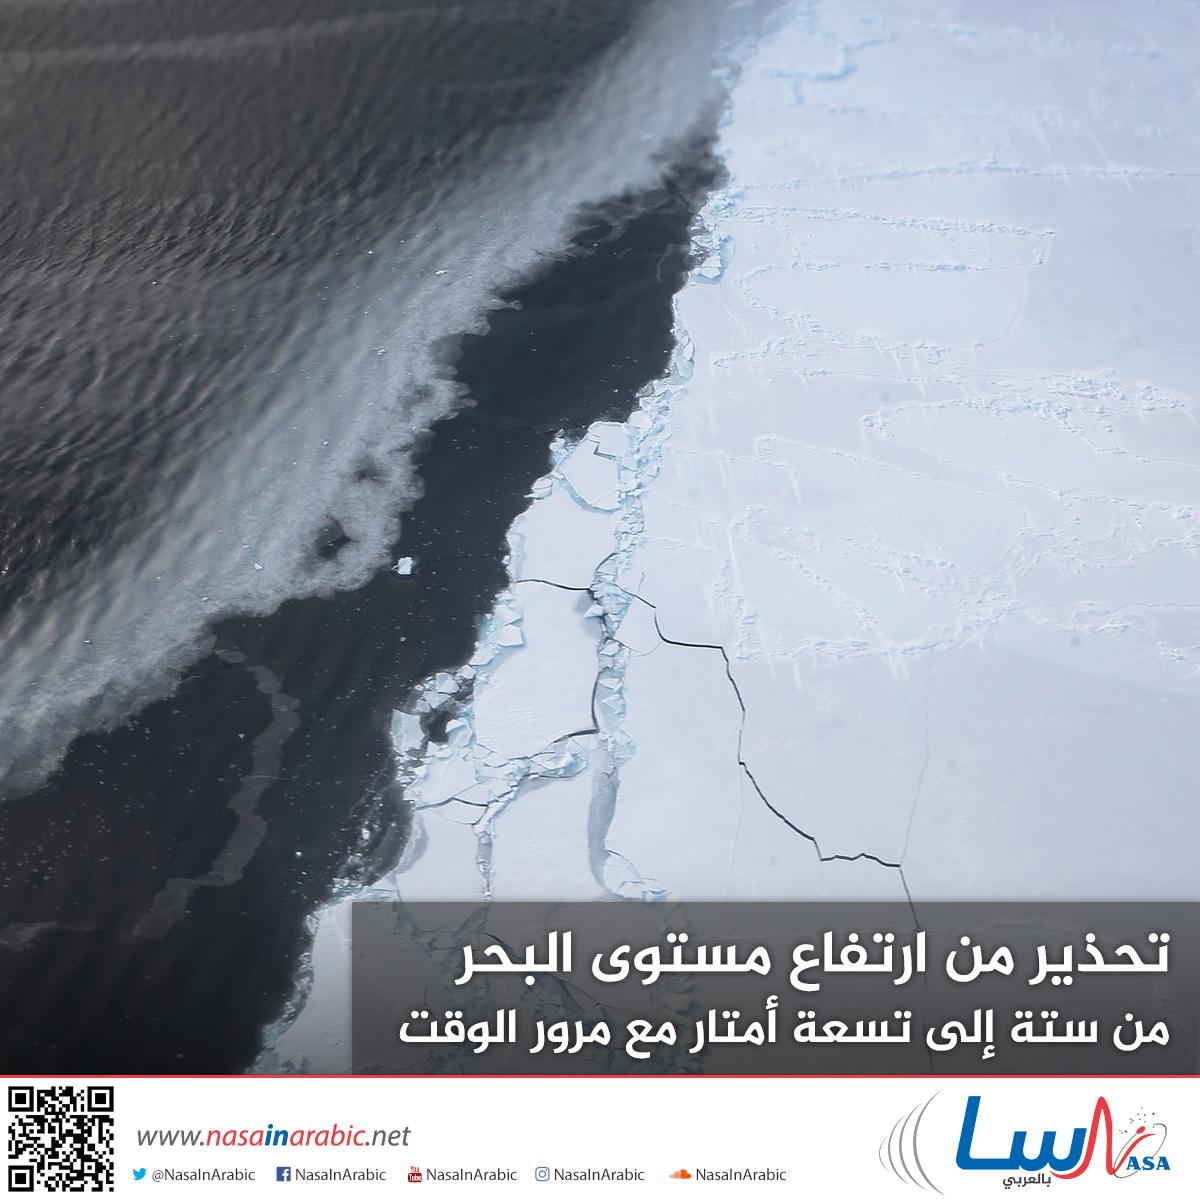 تحذير من ارتفاع مستوى البحر من ستة إلى تسعة أمتار مع مرور الوقت